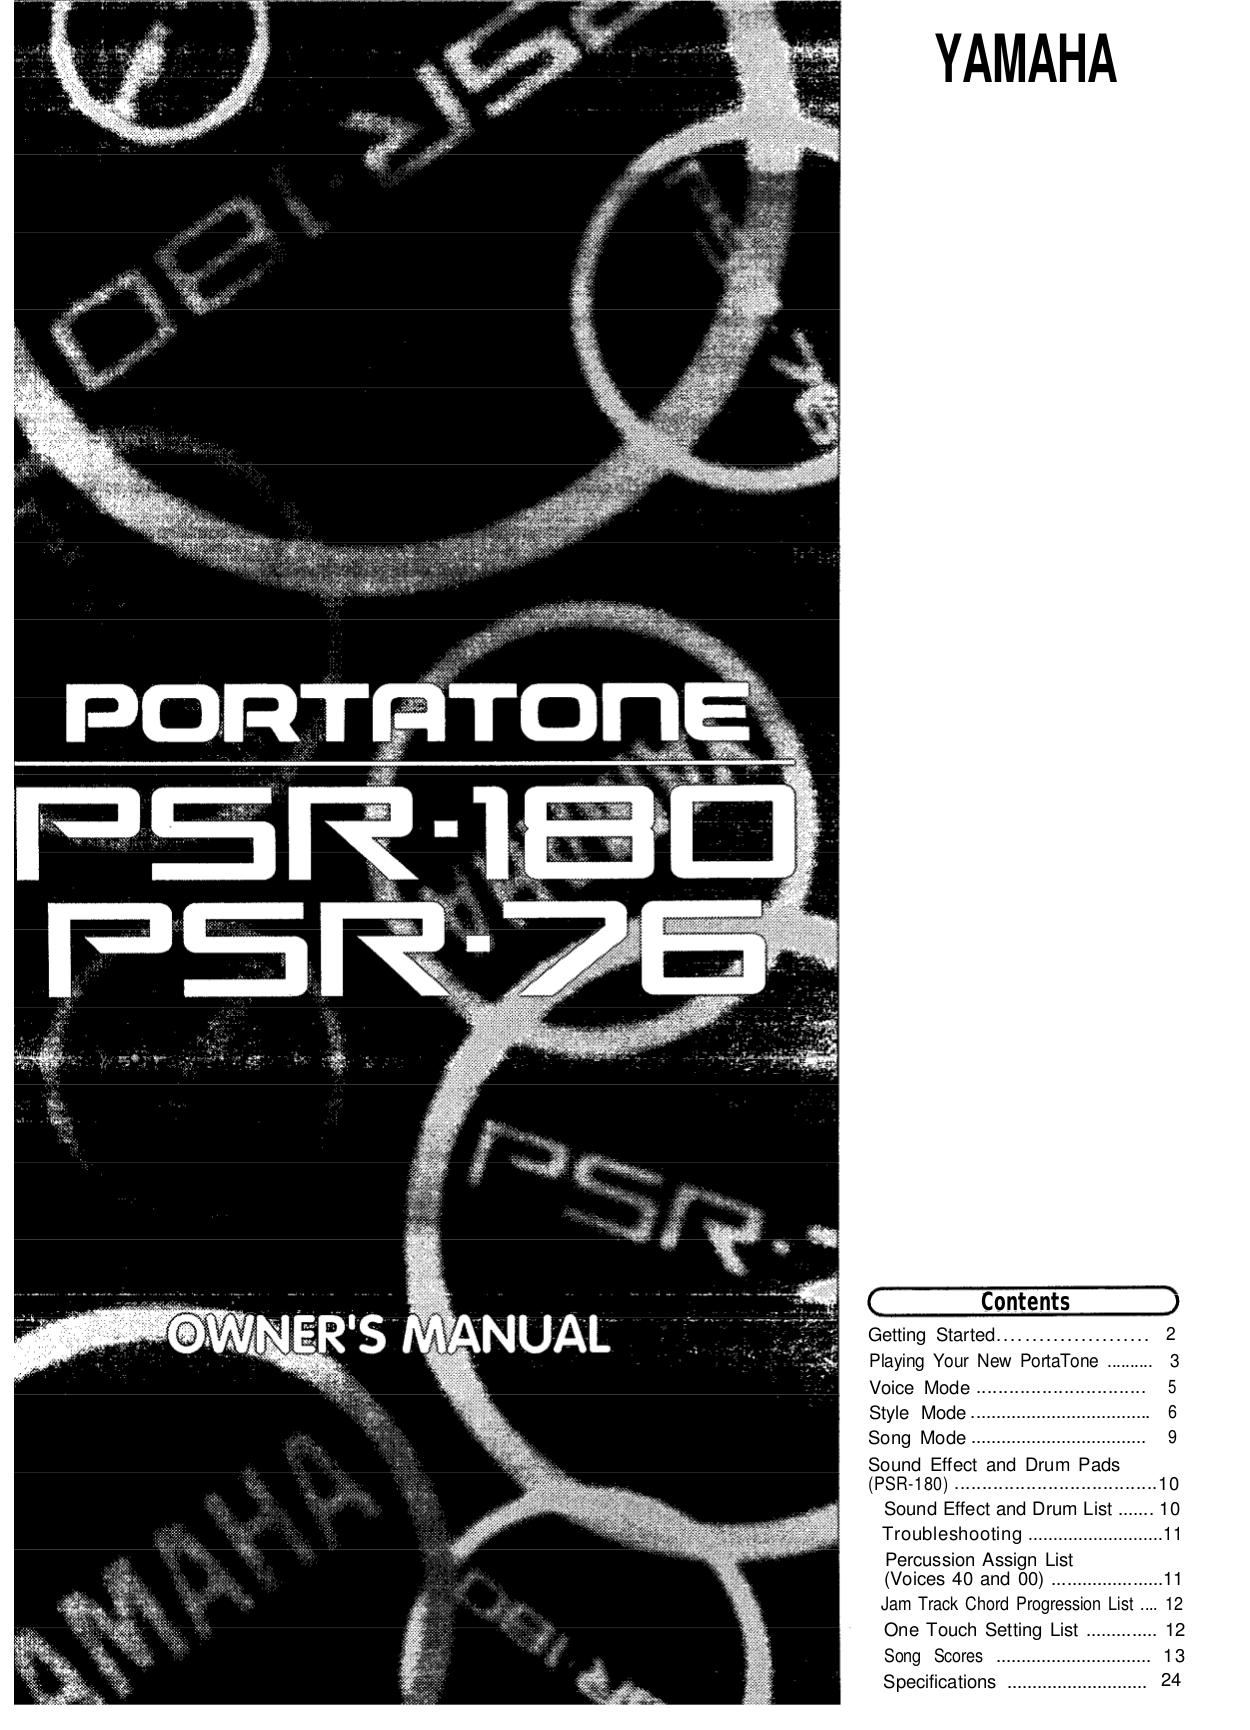 Download free pdf for Yamaha PSR-76 Music Keyboard manual